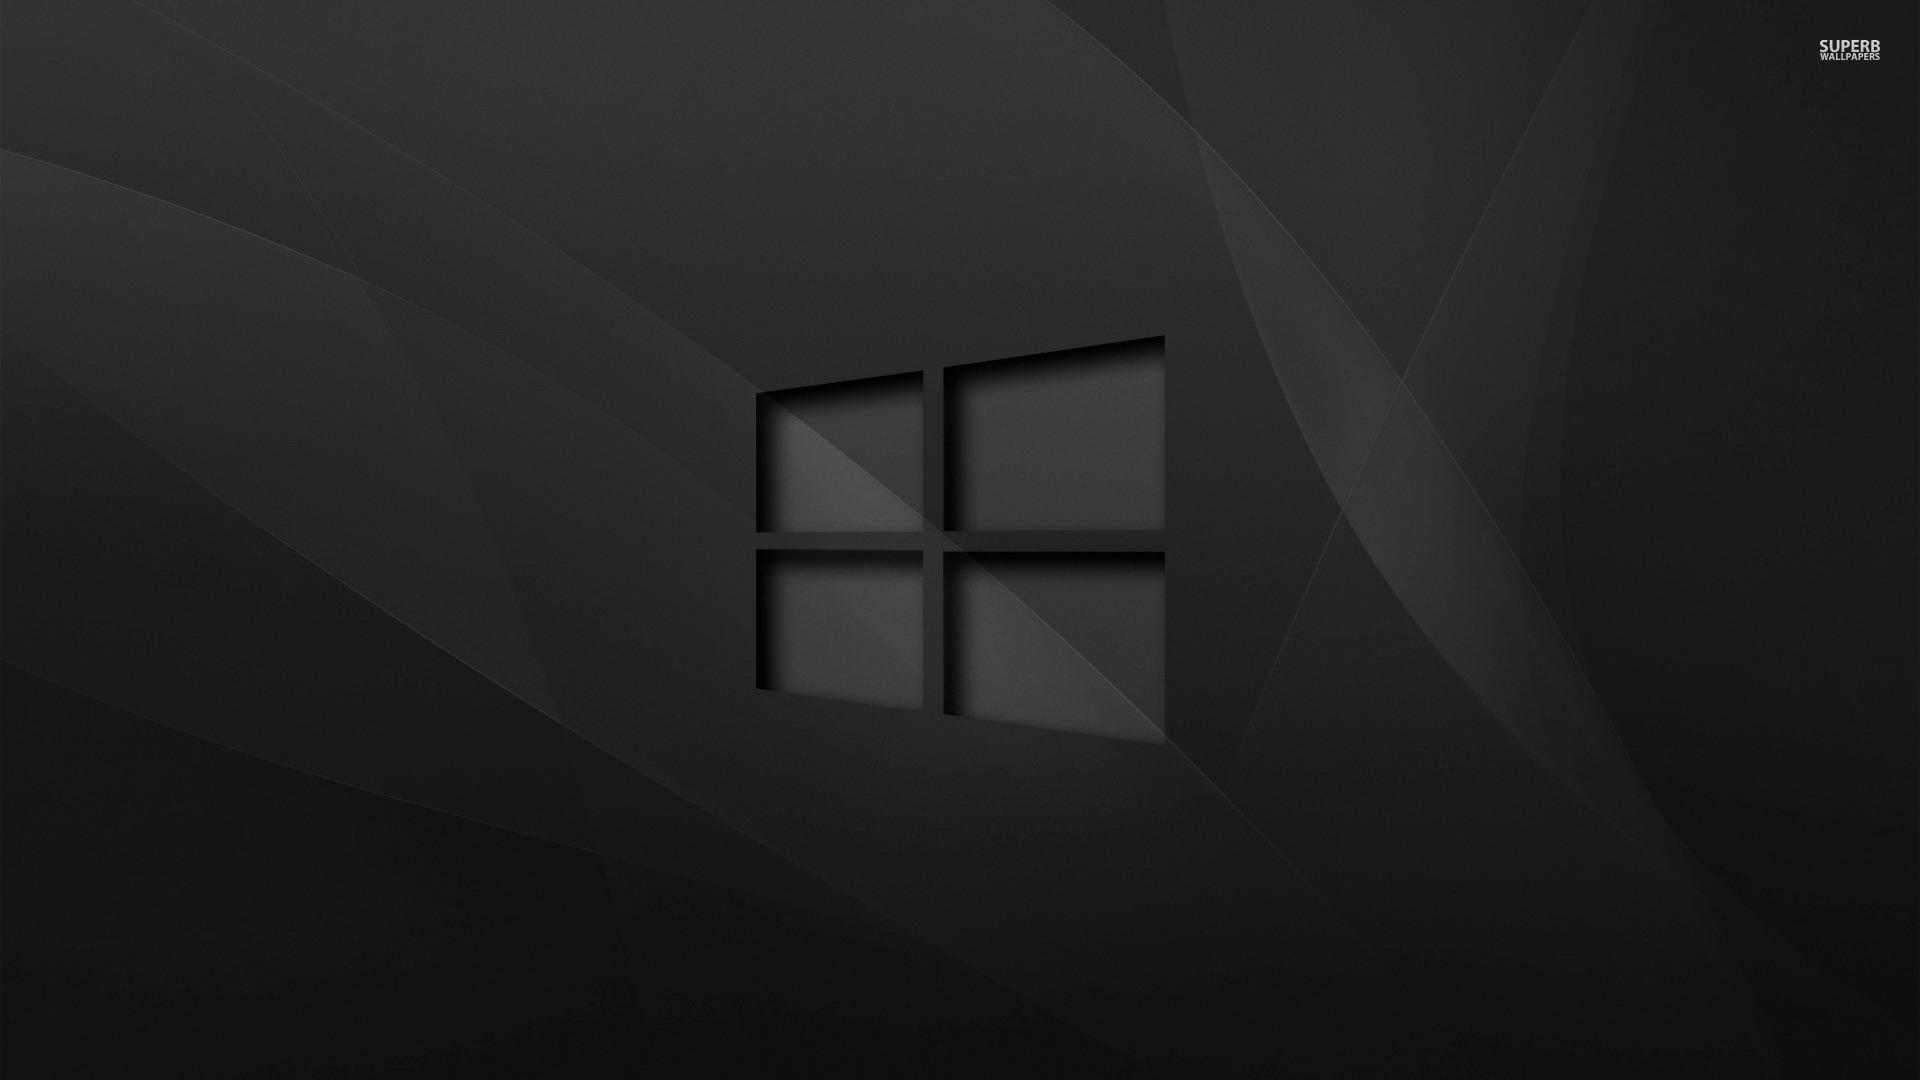 how to run black & white 2 on windows 10